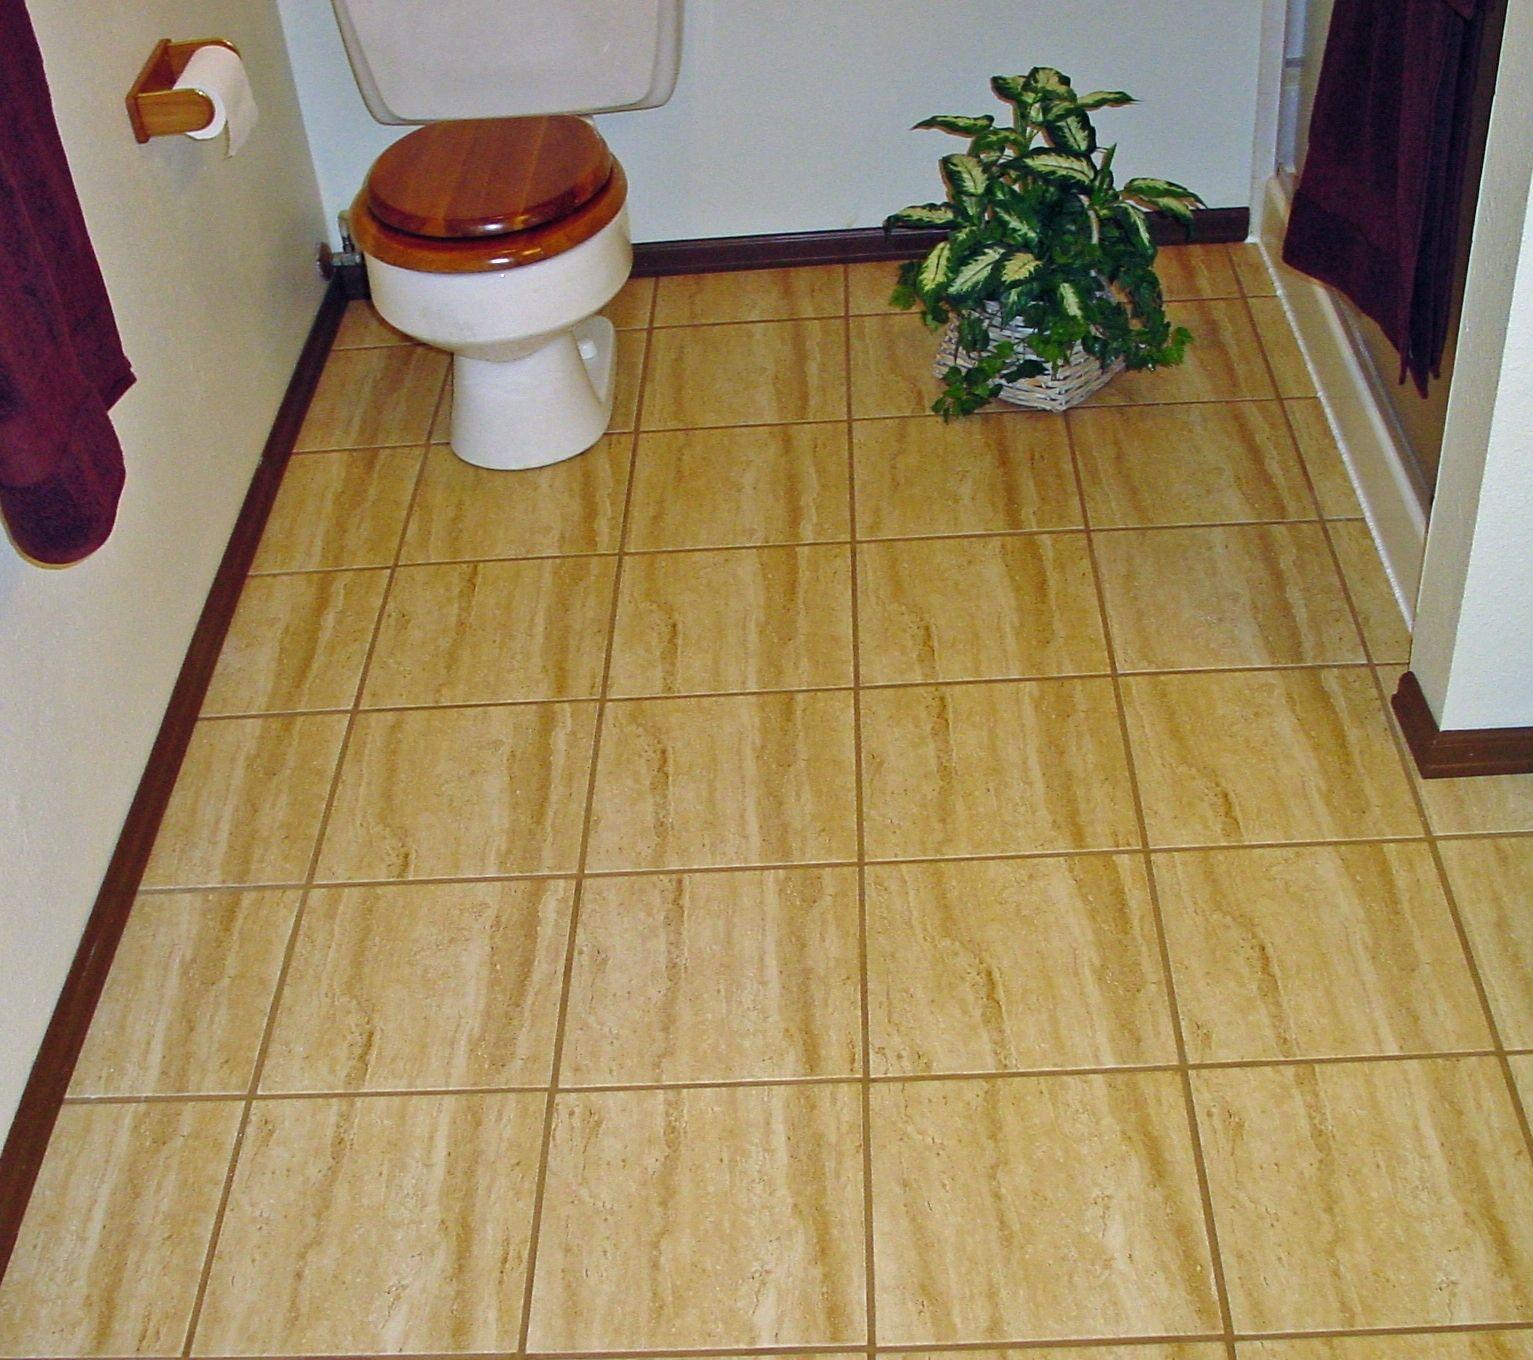 Snap Together Ceramic Tile | Tile Design Ideas